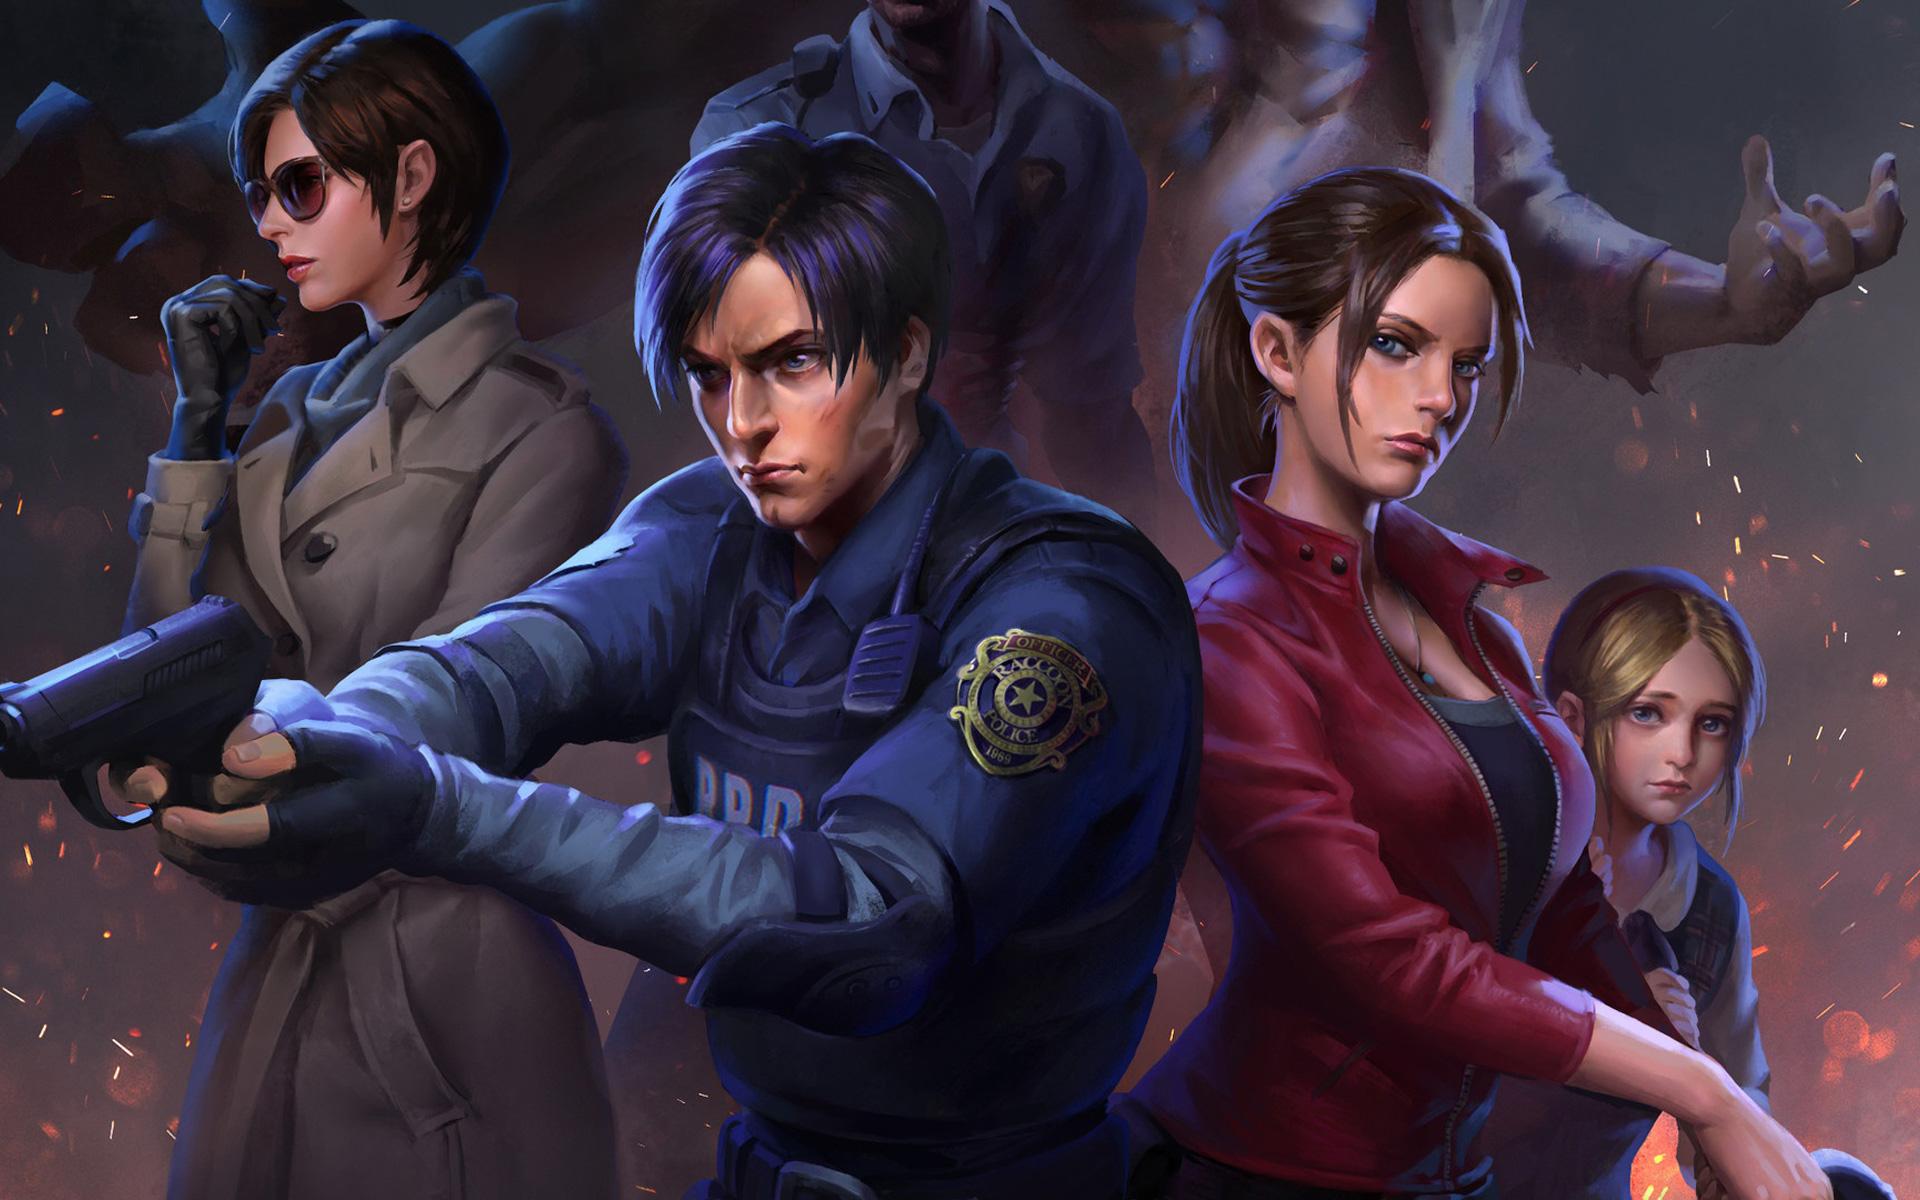 Free Resident Evil 2 Wallpaper in 1920x1200